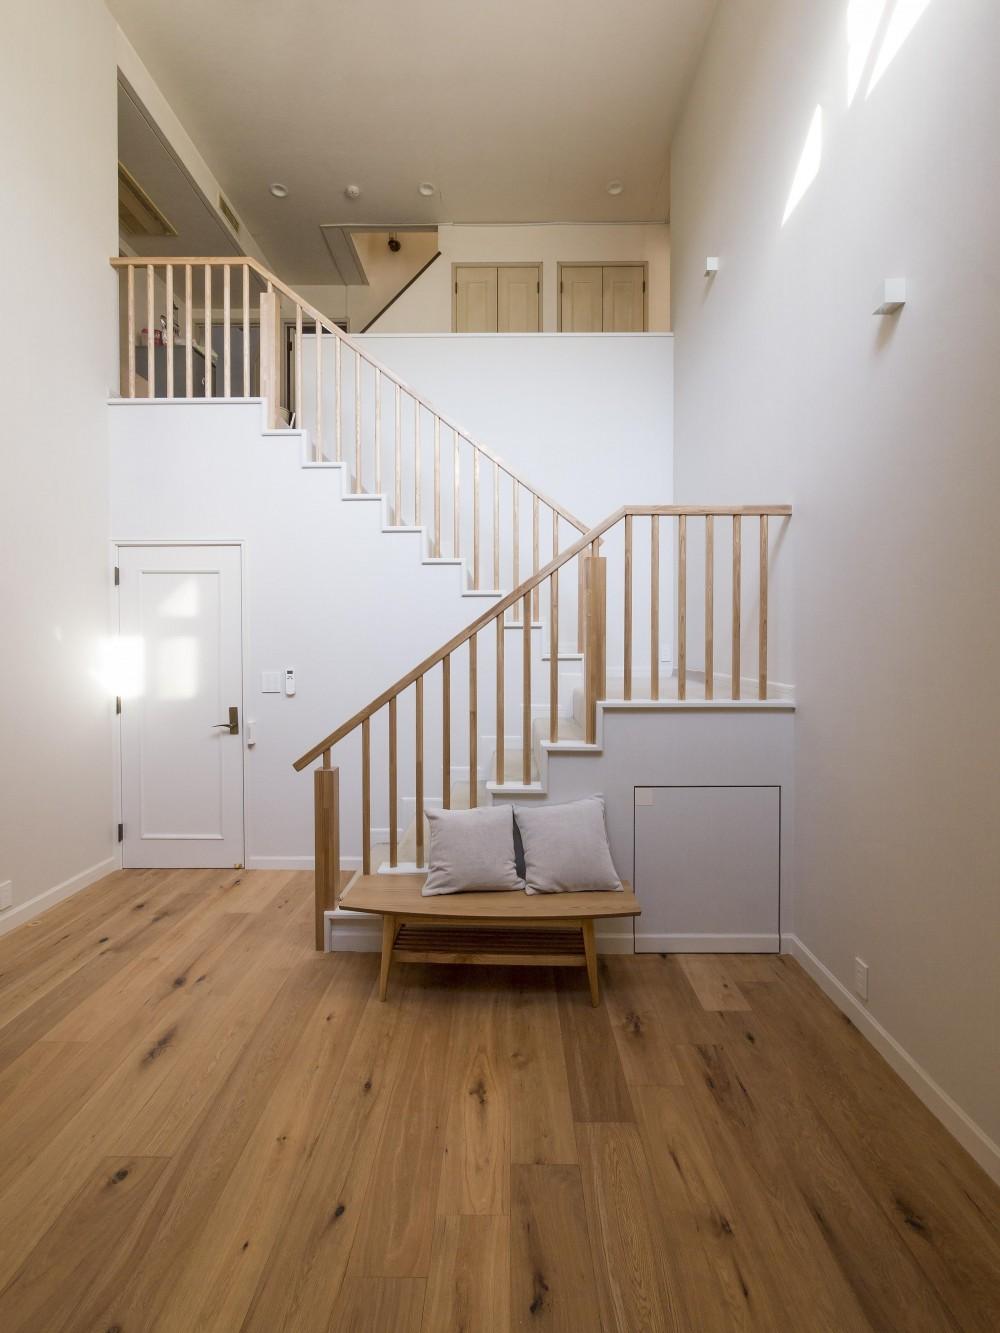 世代交代した家 となり (階段室の吹抜けからLDK全体に光を取り込む)